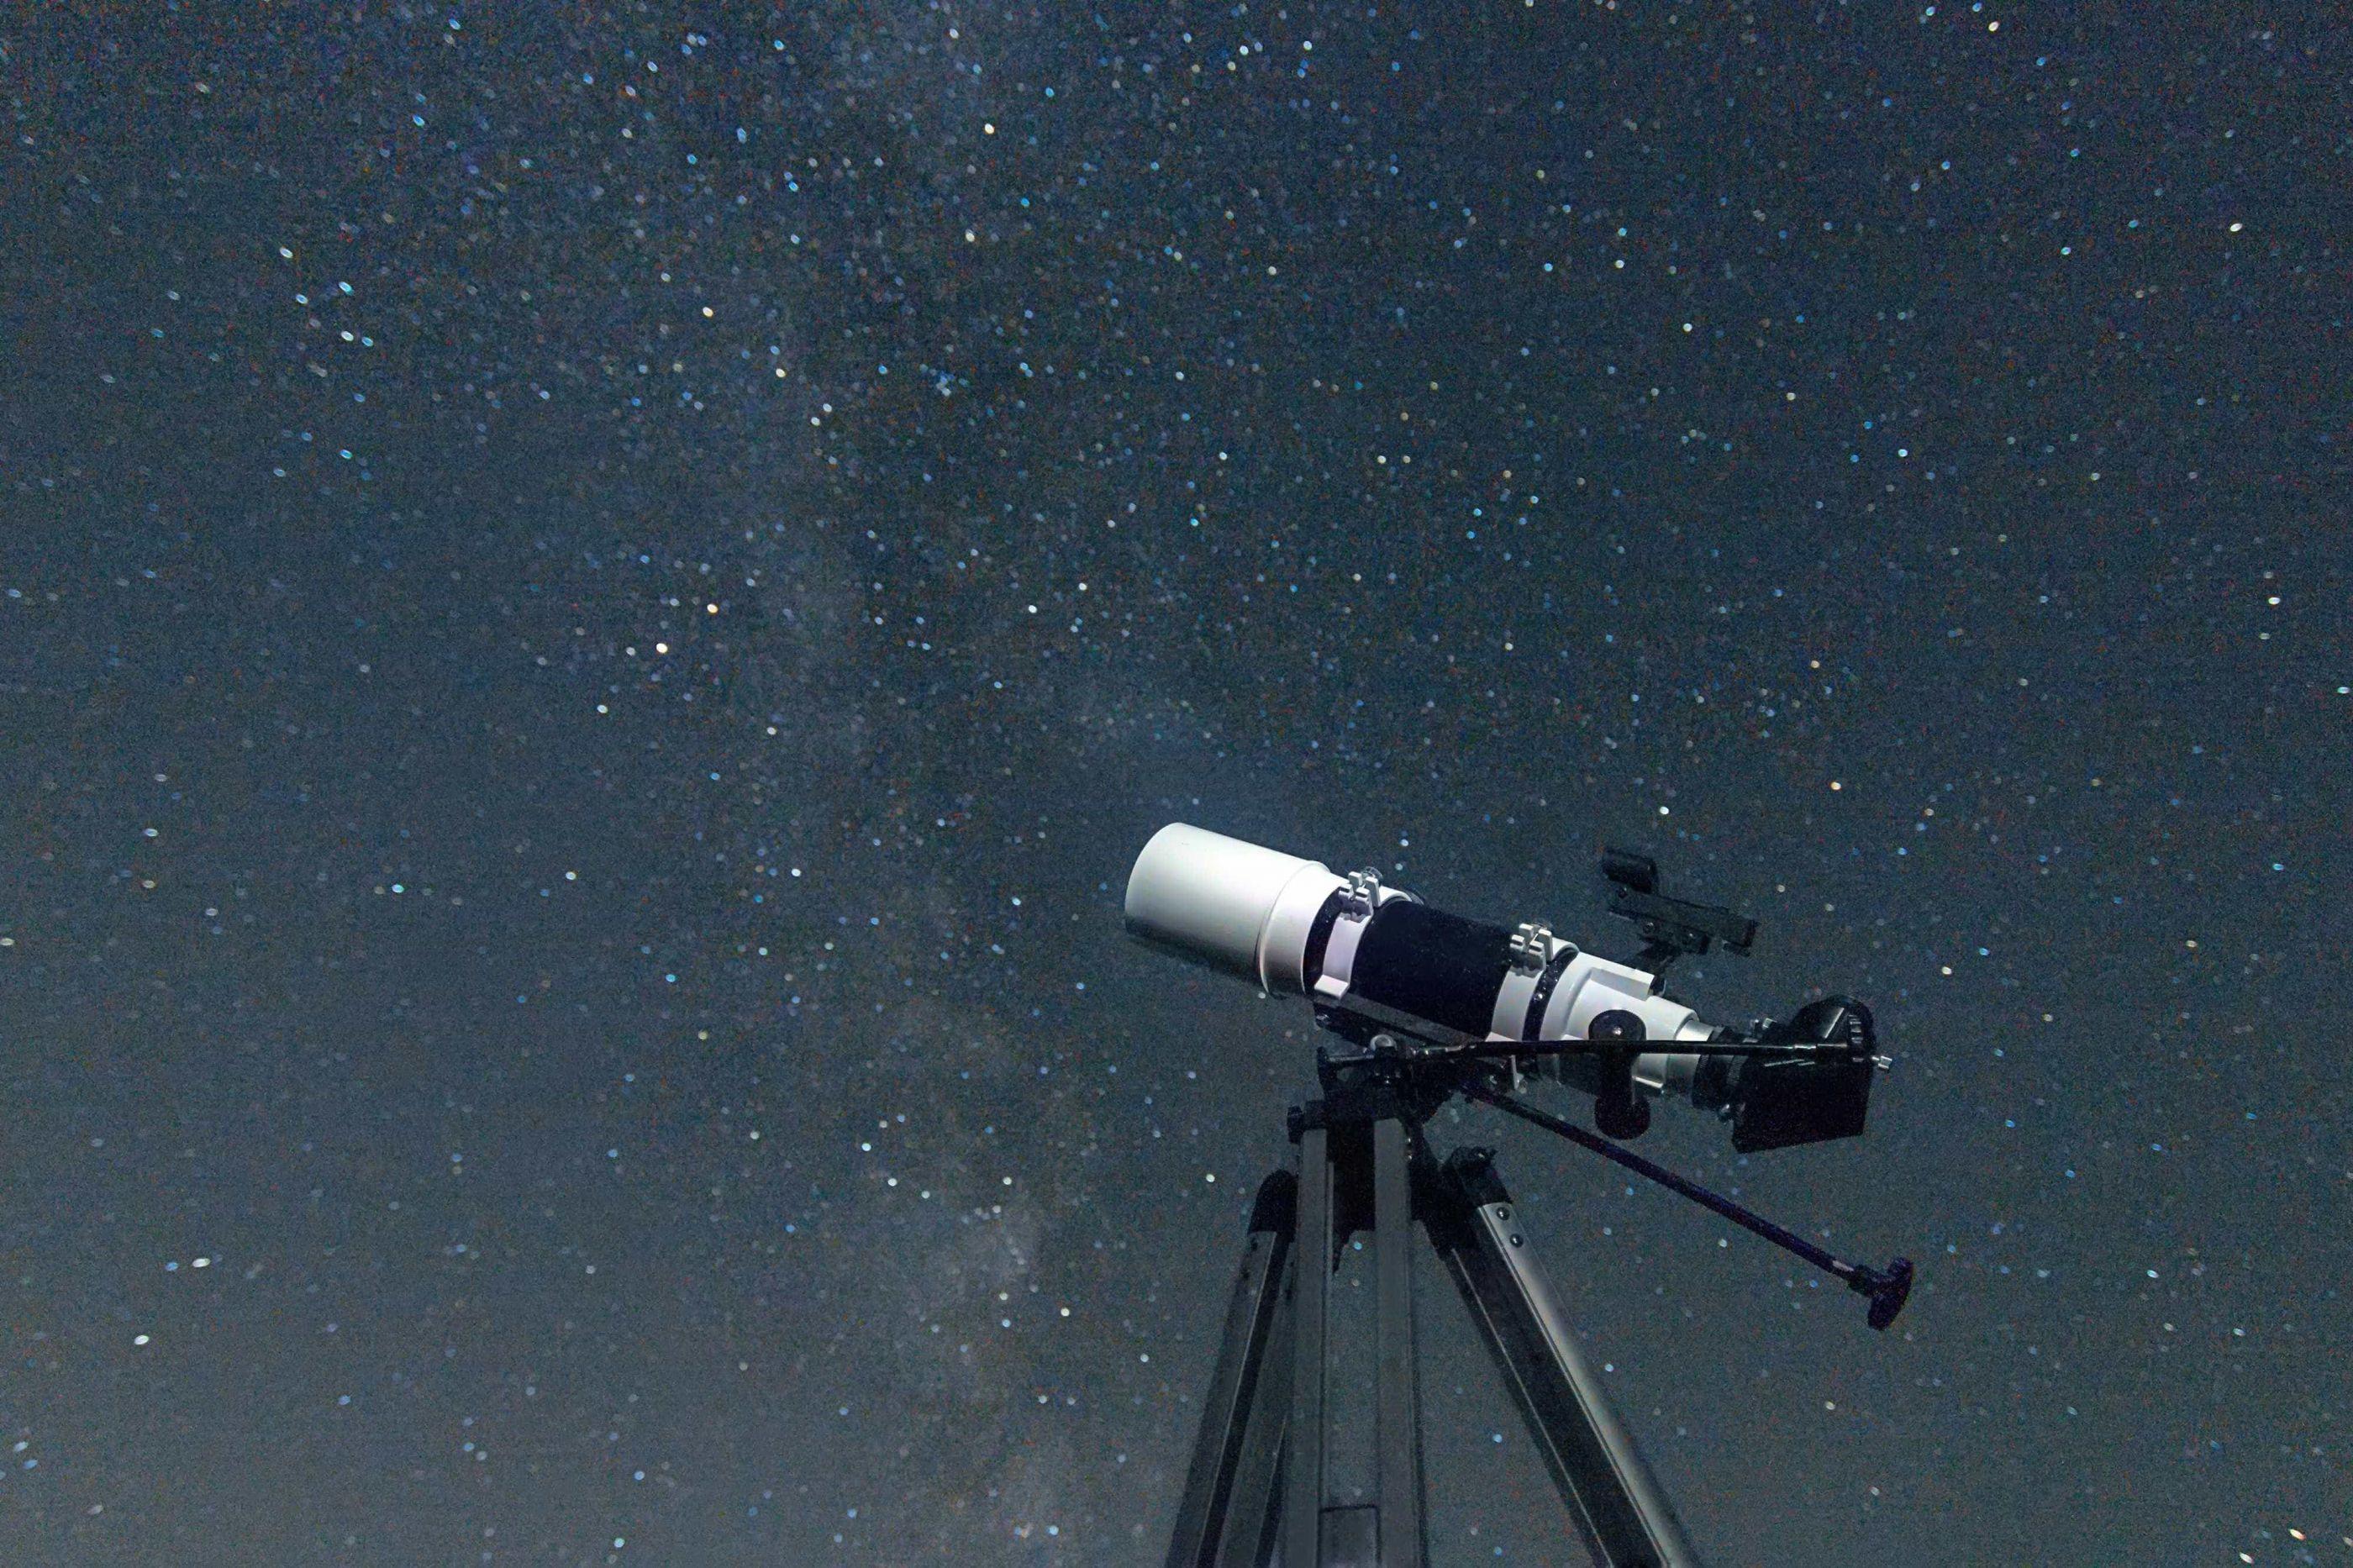 Descobertas mais duas estrelas. Uma pode gerar uma das maiores explosões